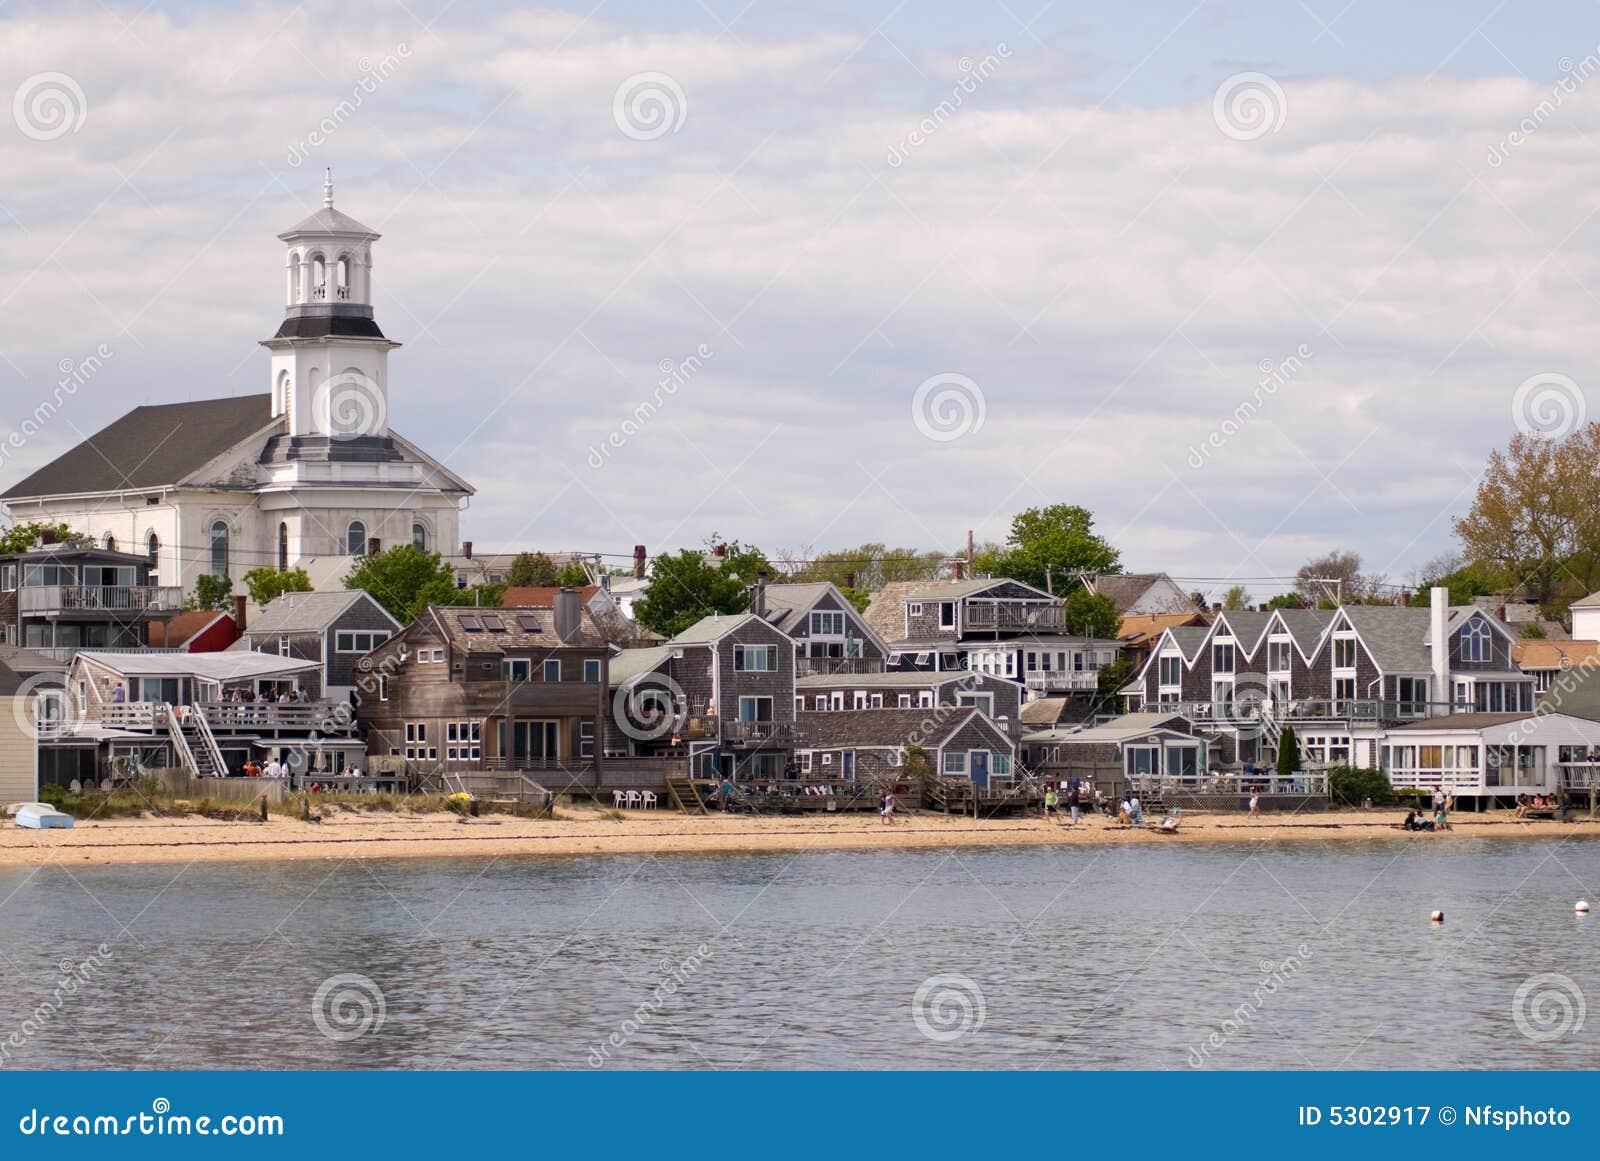 Casas beira-mar em Provincetown, bacalhau de cabo